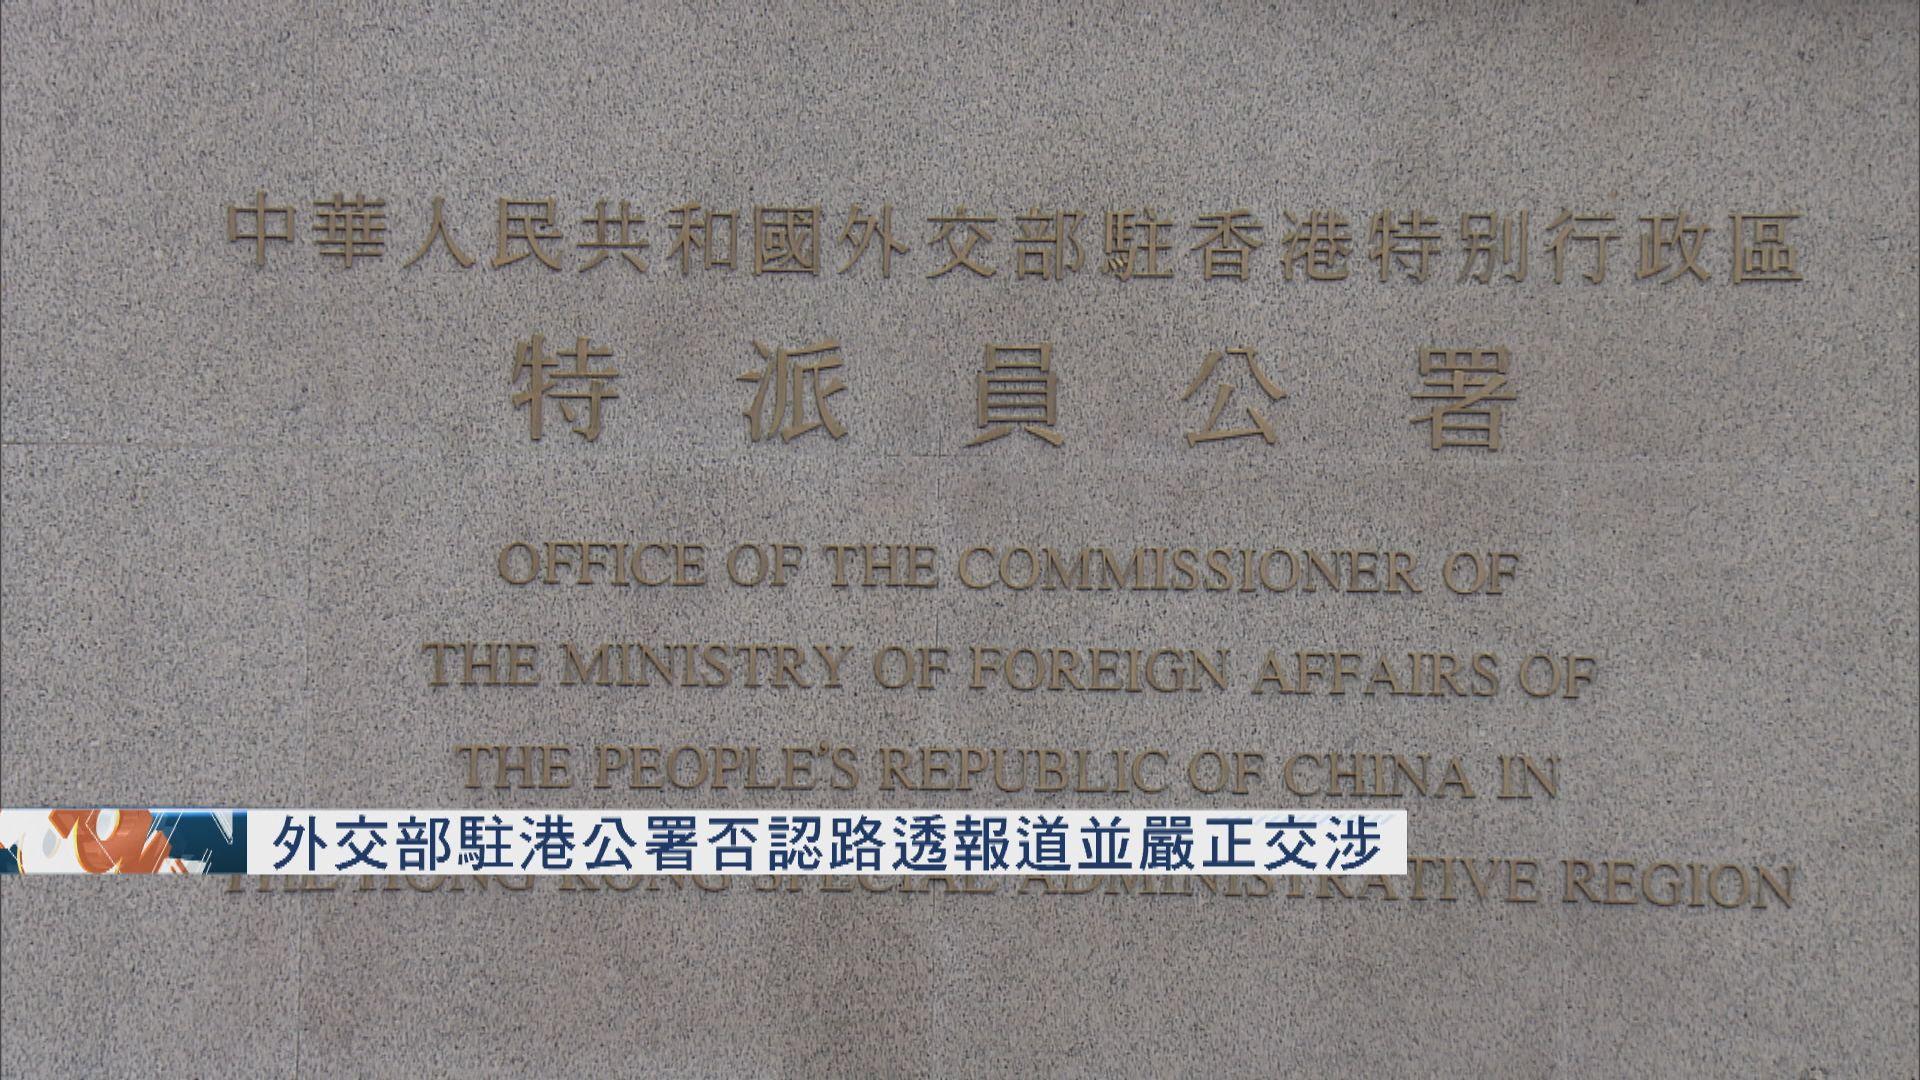 外交部駐港公署否認路透社報道並提嚴正交涉